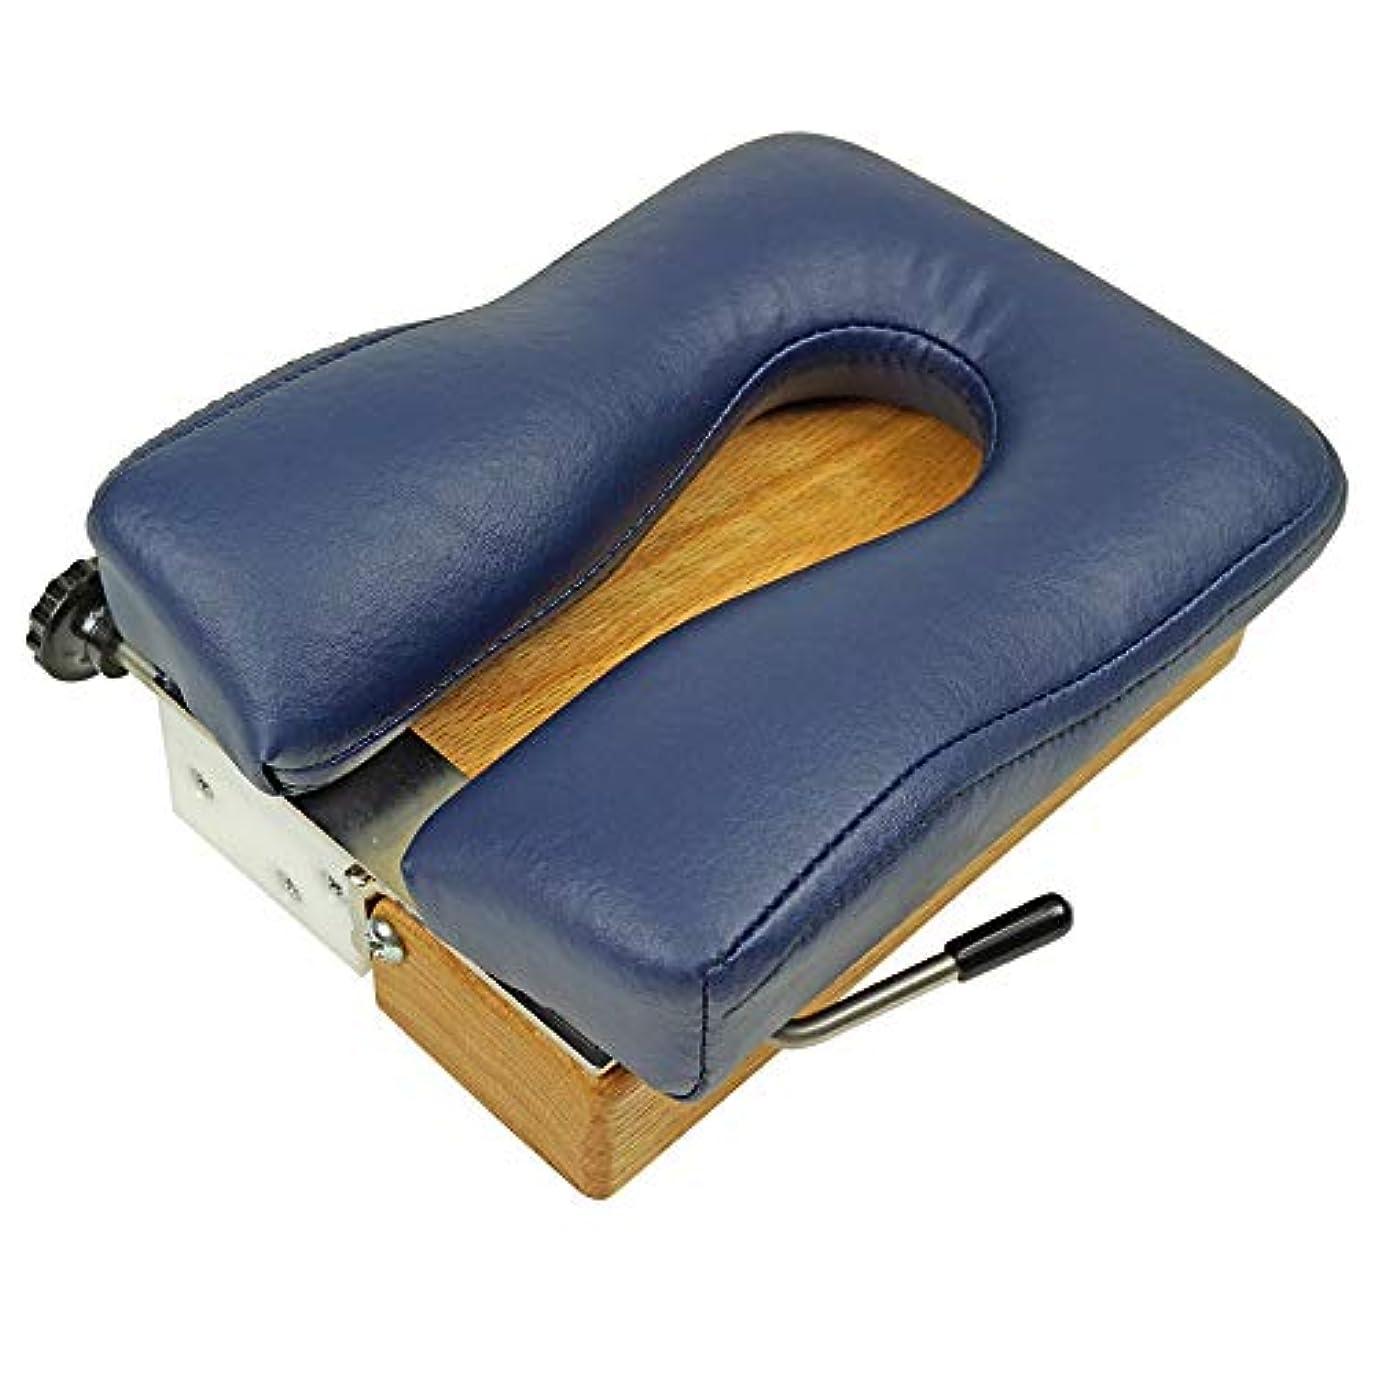 繁栄する敬意無能LLOYD (ロイドテーブル) ターグルリコイル ドロップ ポータブルドロップ 【 ヘッドピース 上部頚椎用 】